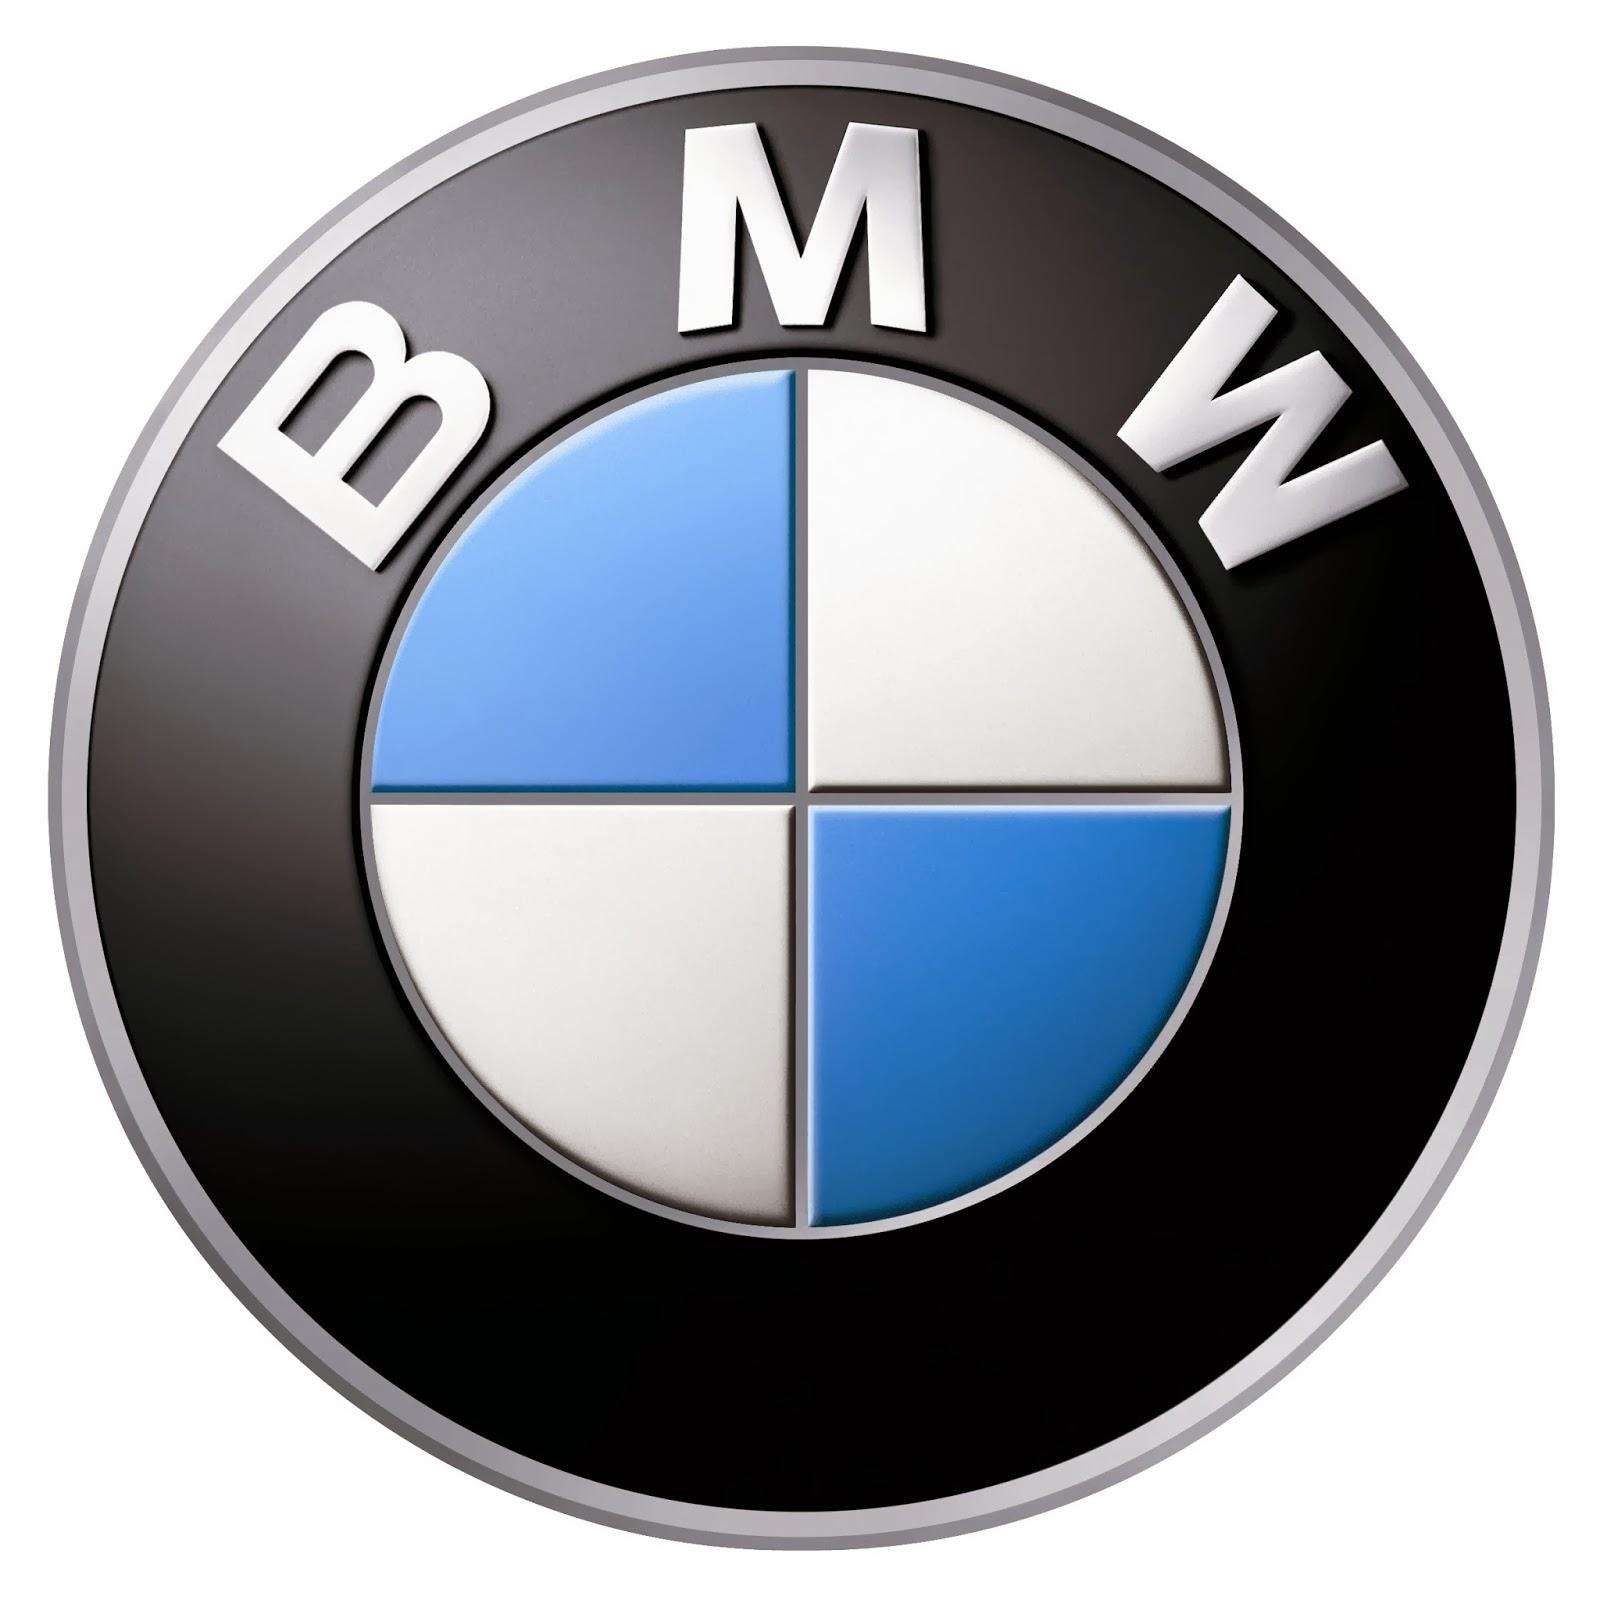 Daftar Harga Mobil Bekas BMW Terbaru